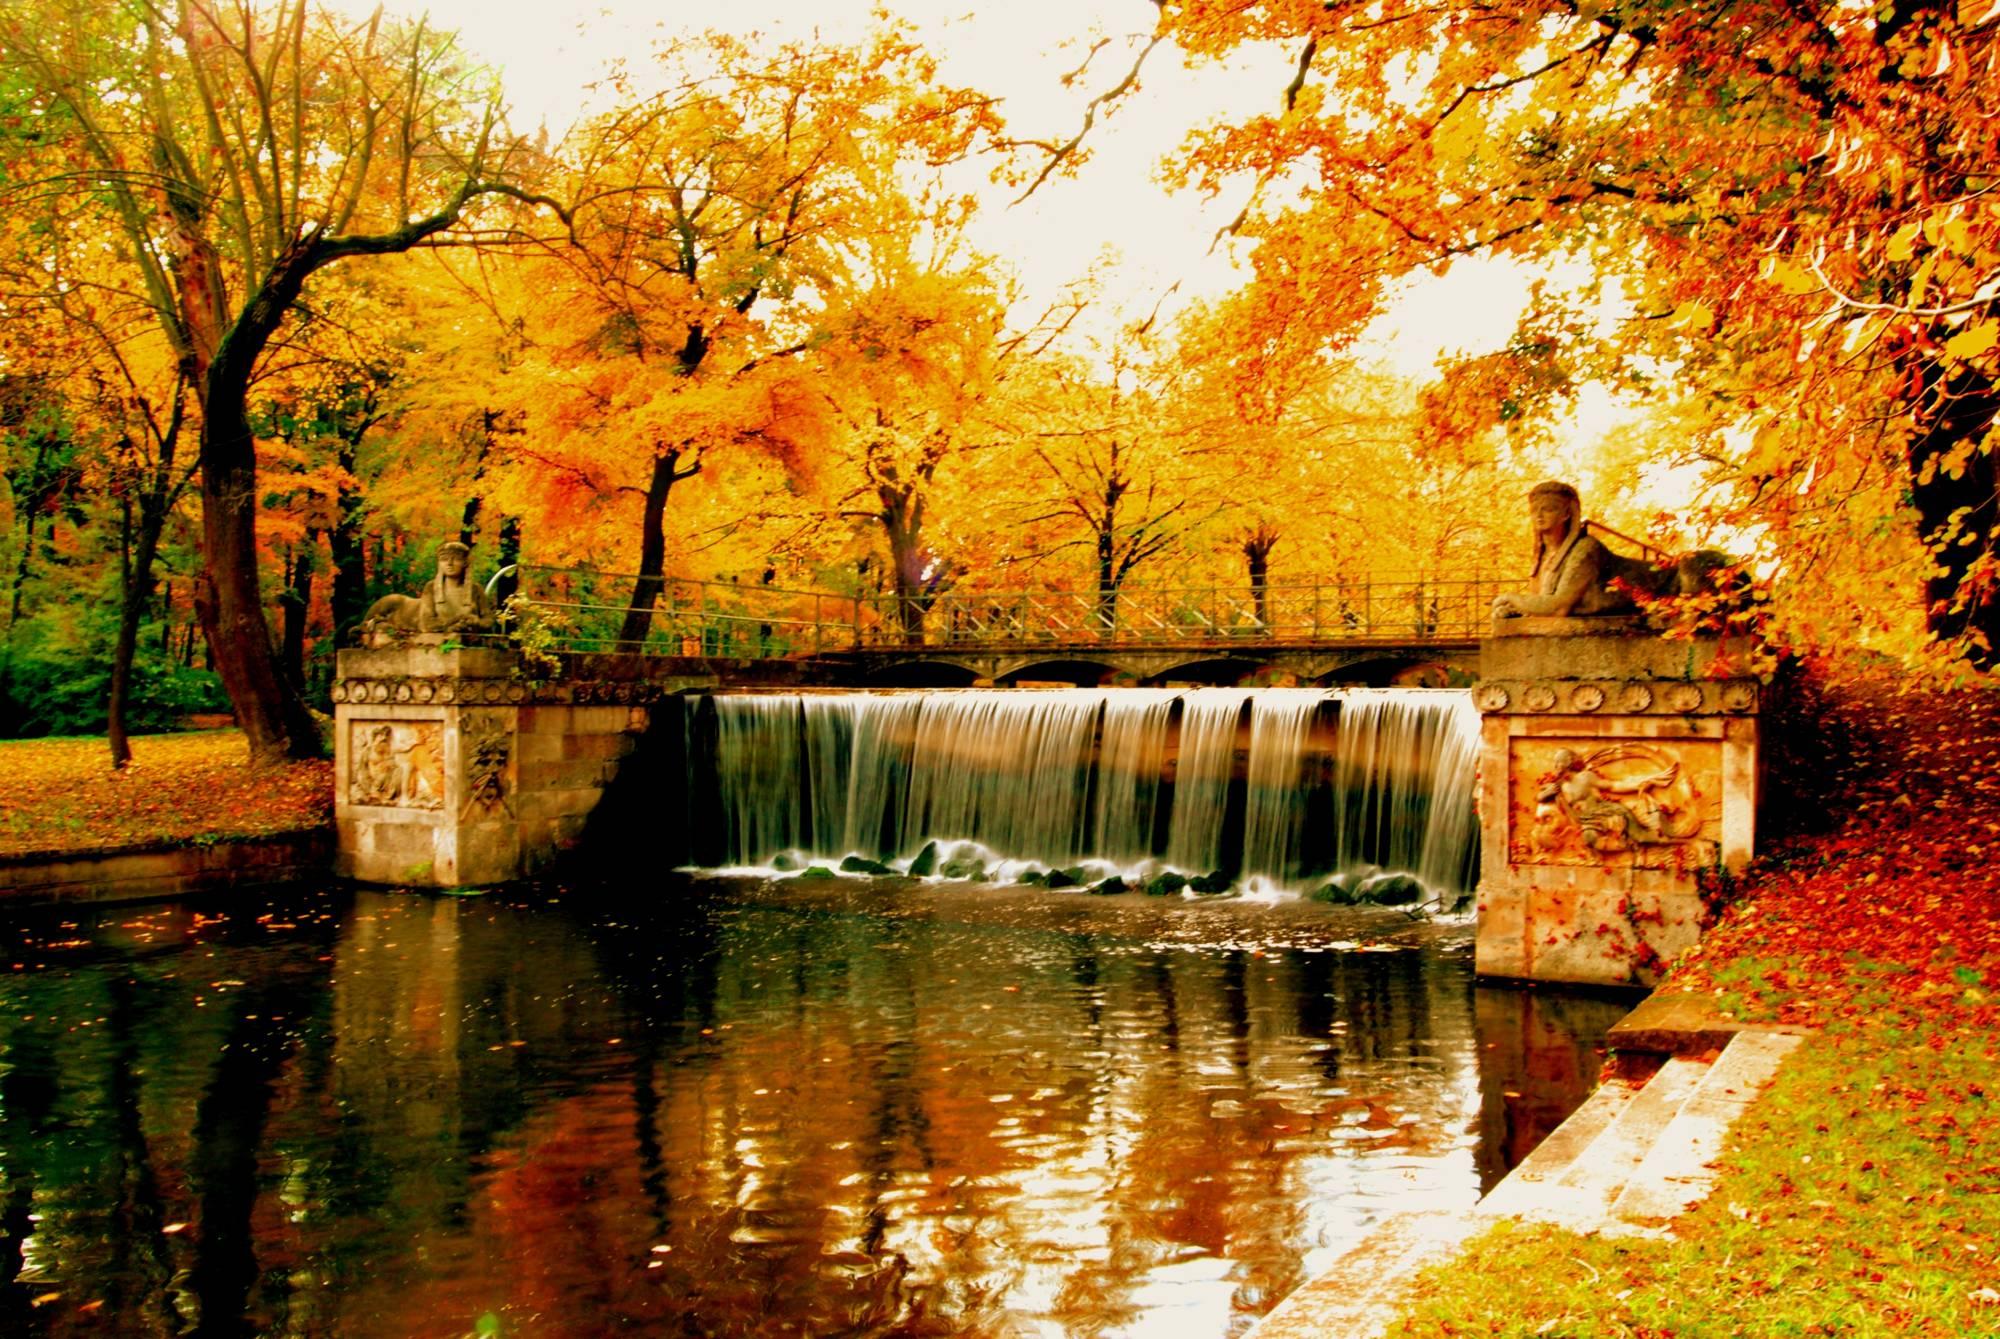 картинки красивые на тему осень в городе потому что синее